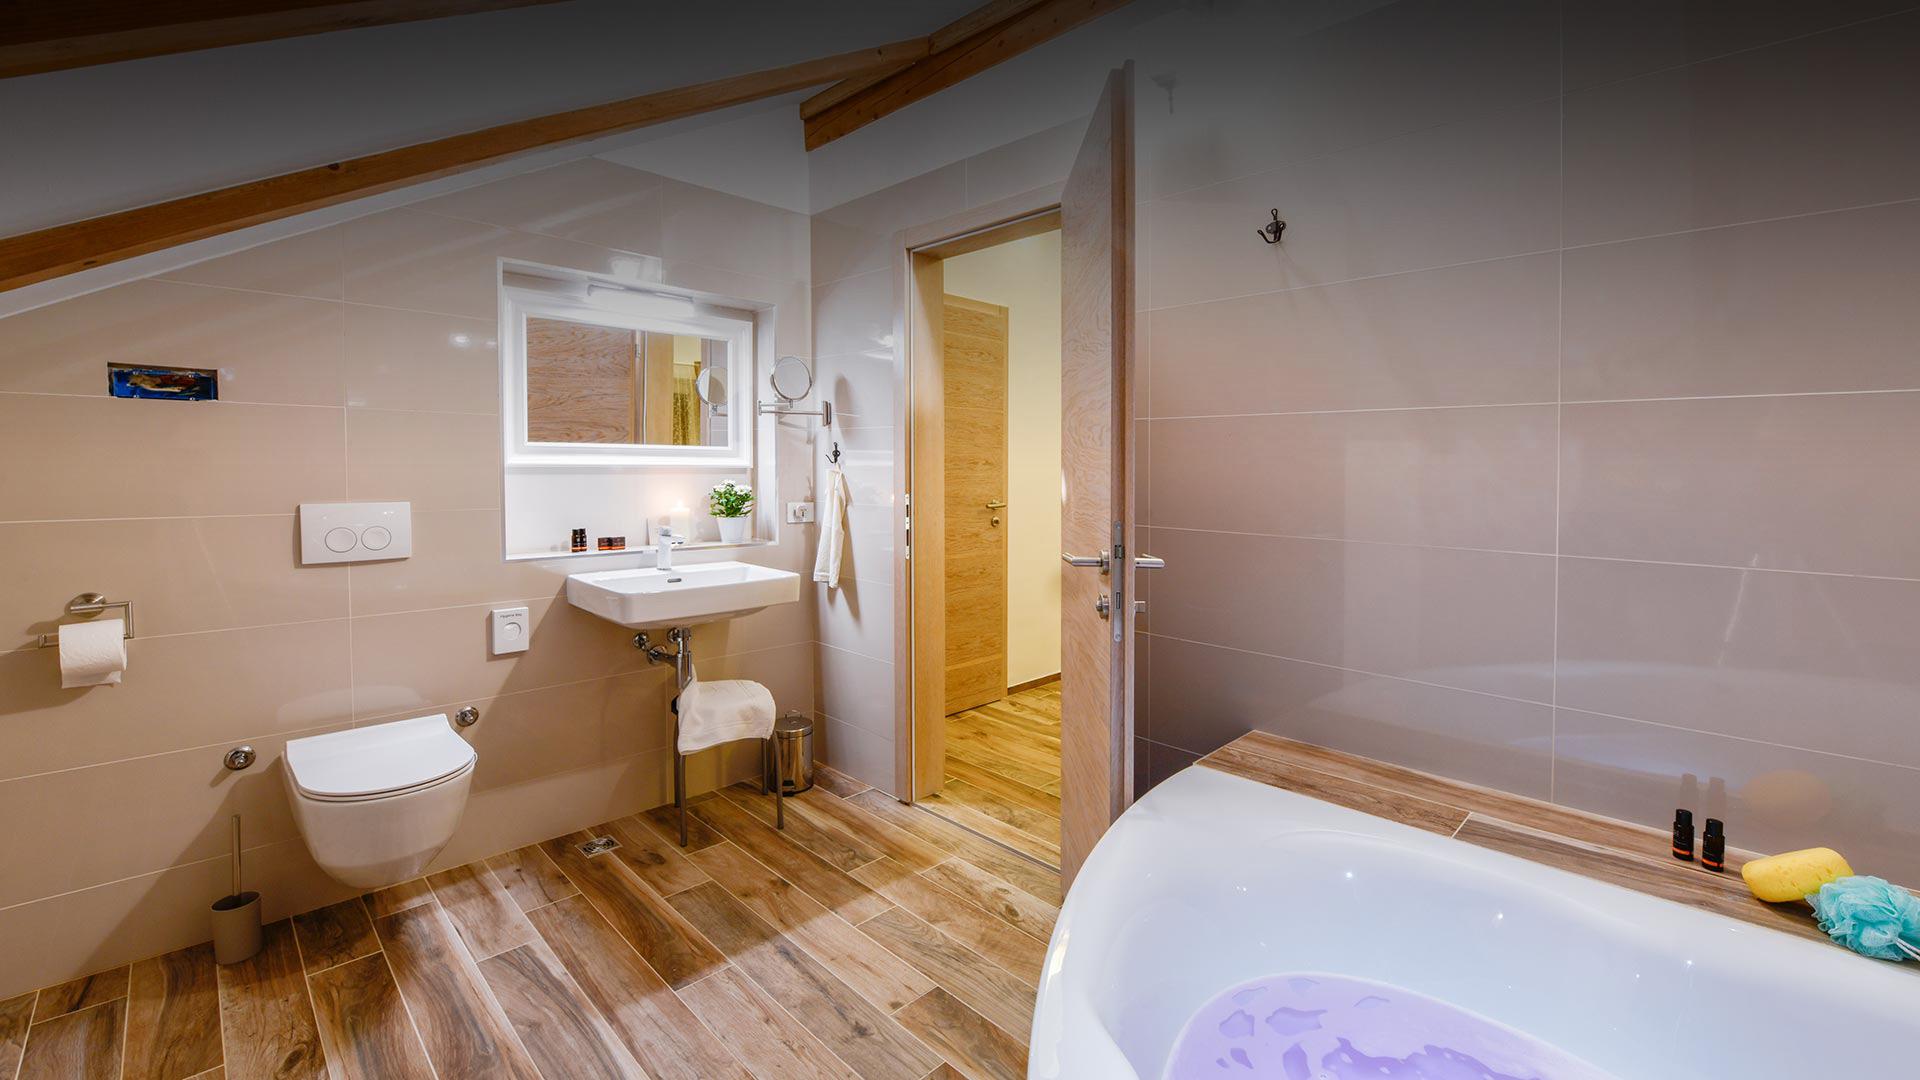 Exclusive Villas Joja Bathroom